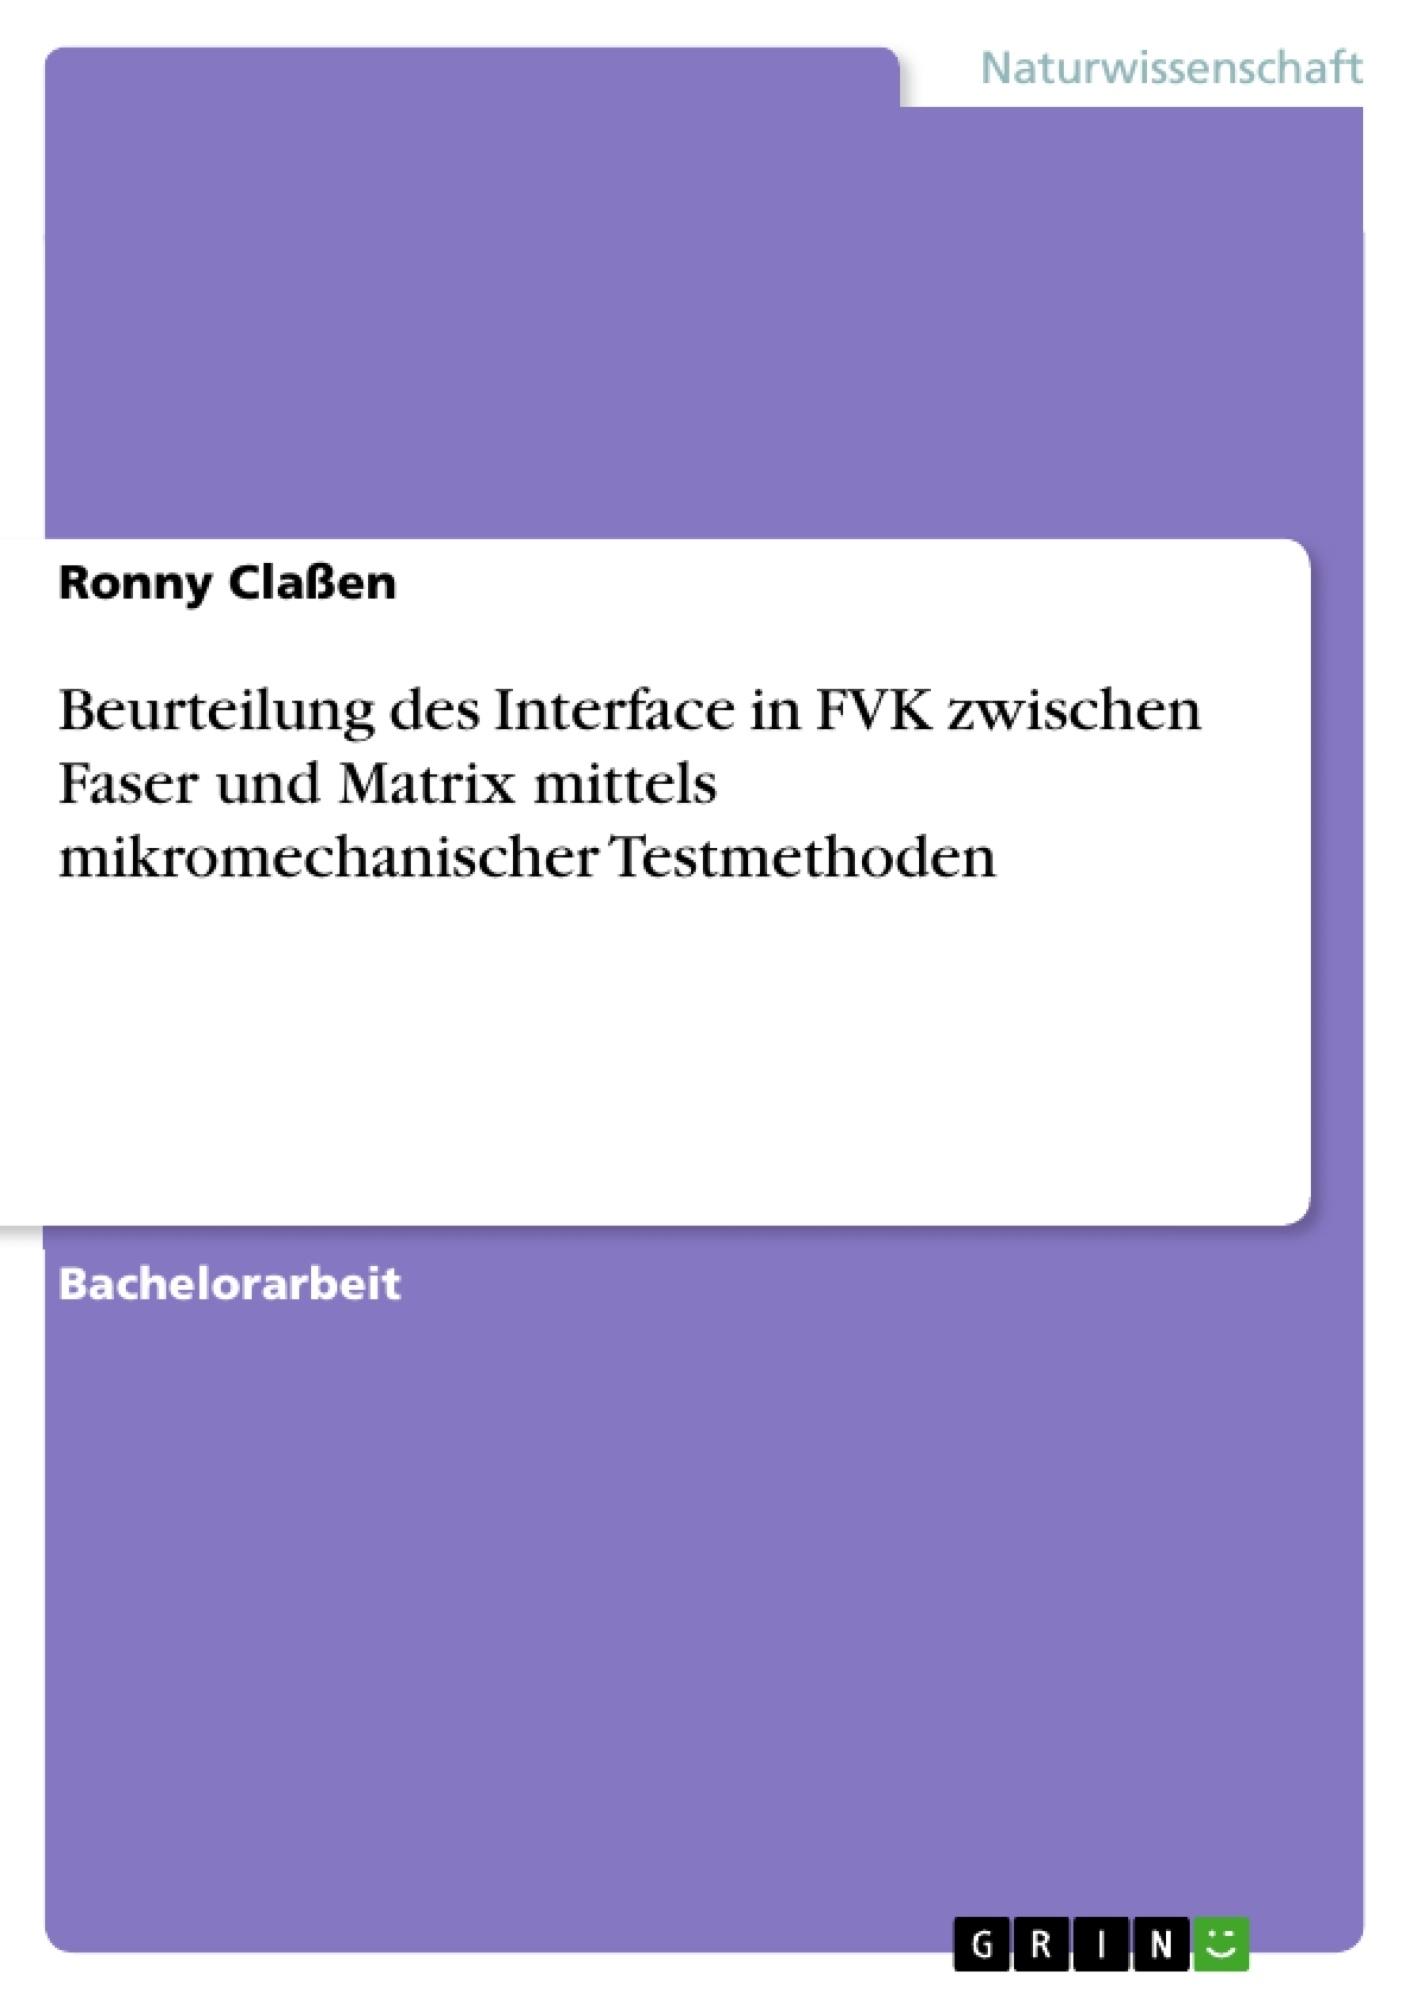 Titel: Beurteilung des Interface in FVK zwischen Faser und Matrix mittels mikromechanischer Testmethoden